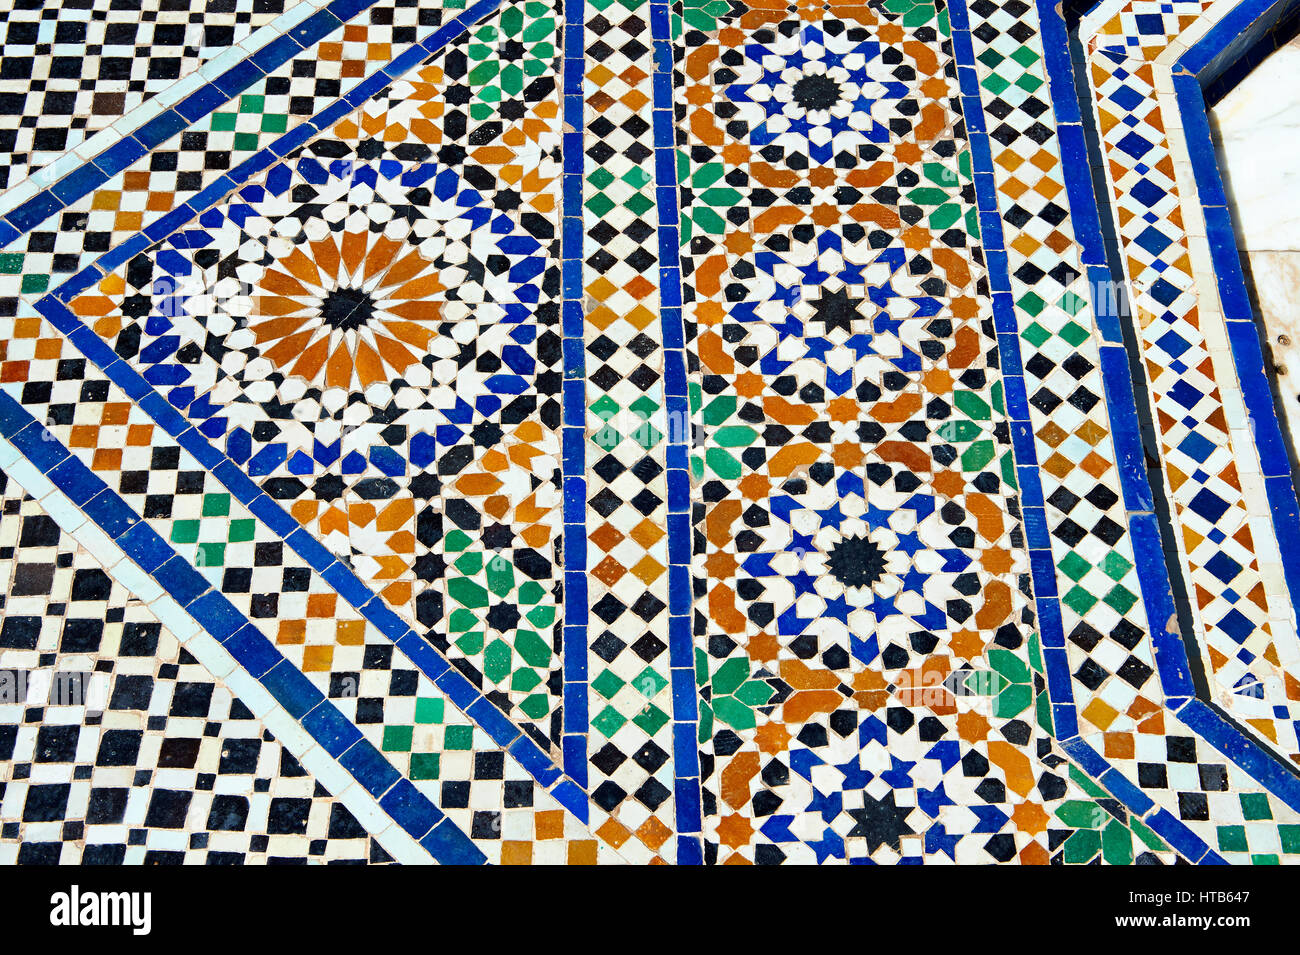 Piastrelle Marocchine Vendita On Line : Piastrelle marocchine vendita on line beautiful cucina bagno